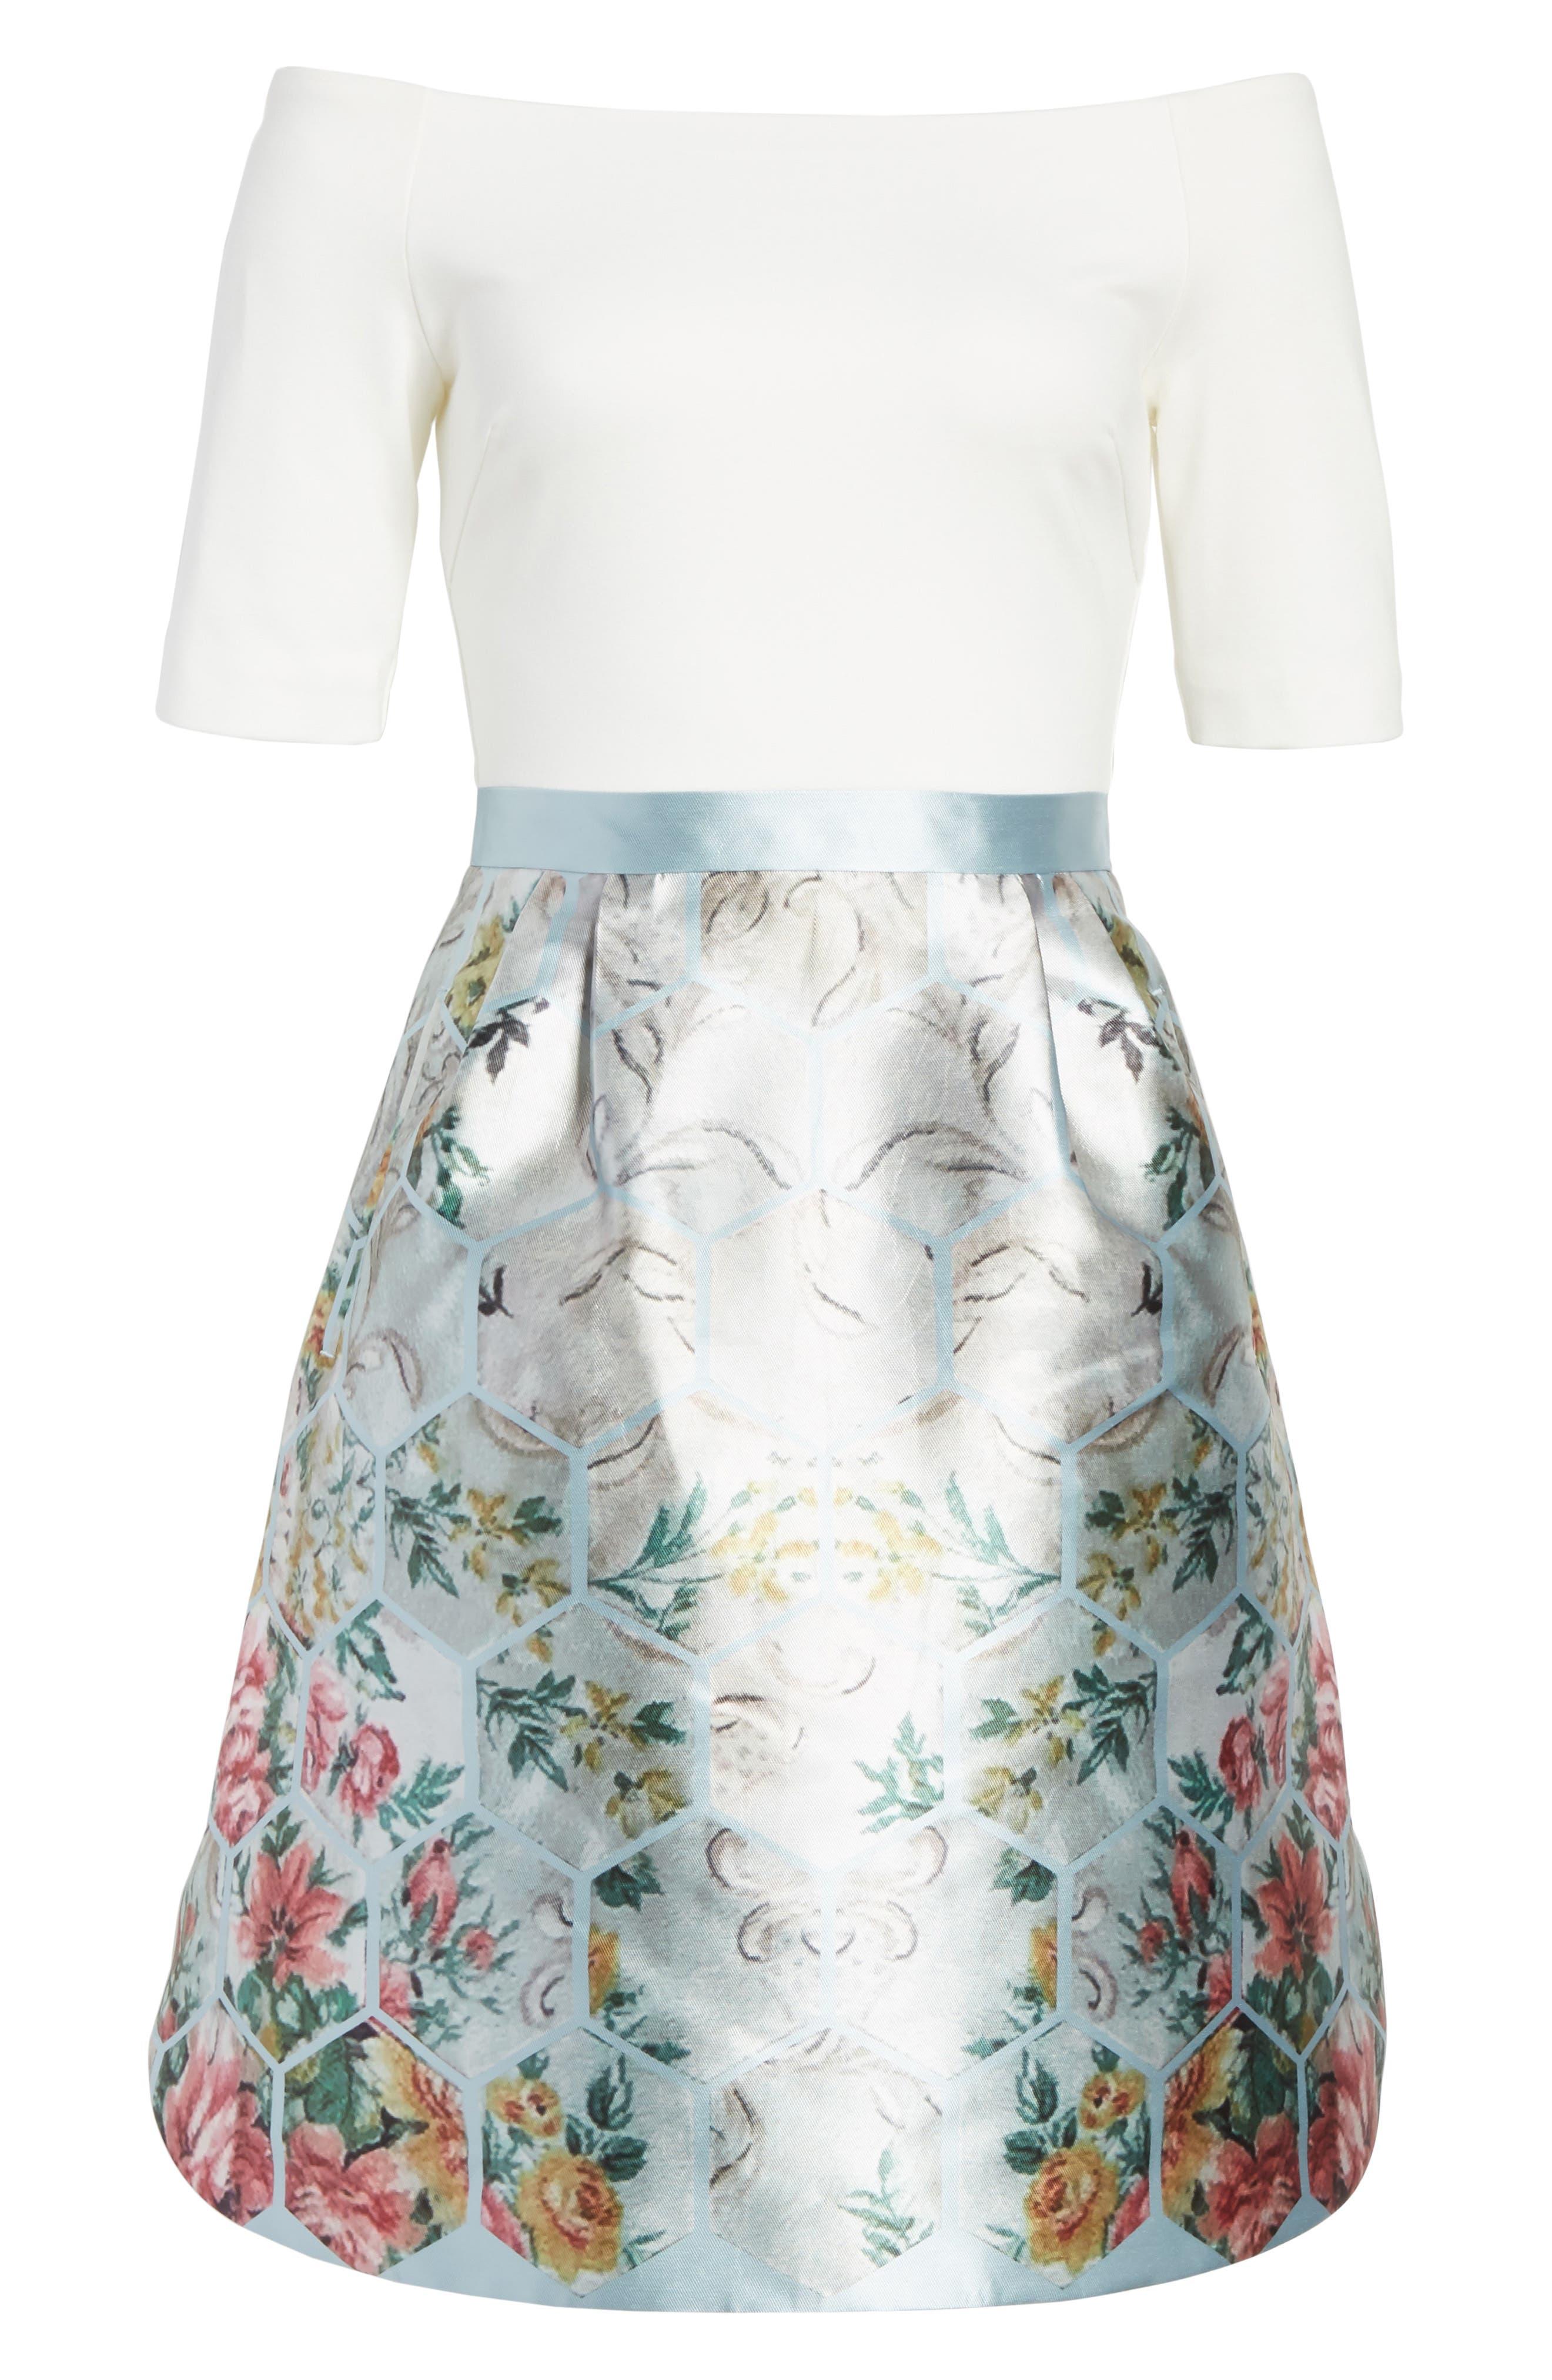 Dewrose Patchwork A-line Dress,                             Alternate thumbnail 6, color,                             Pale Blue